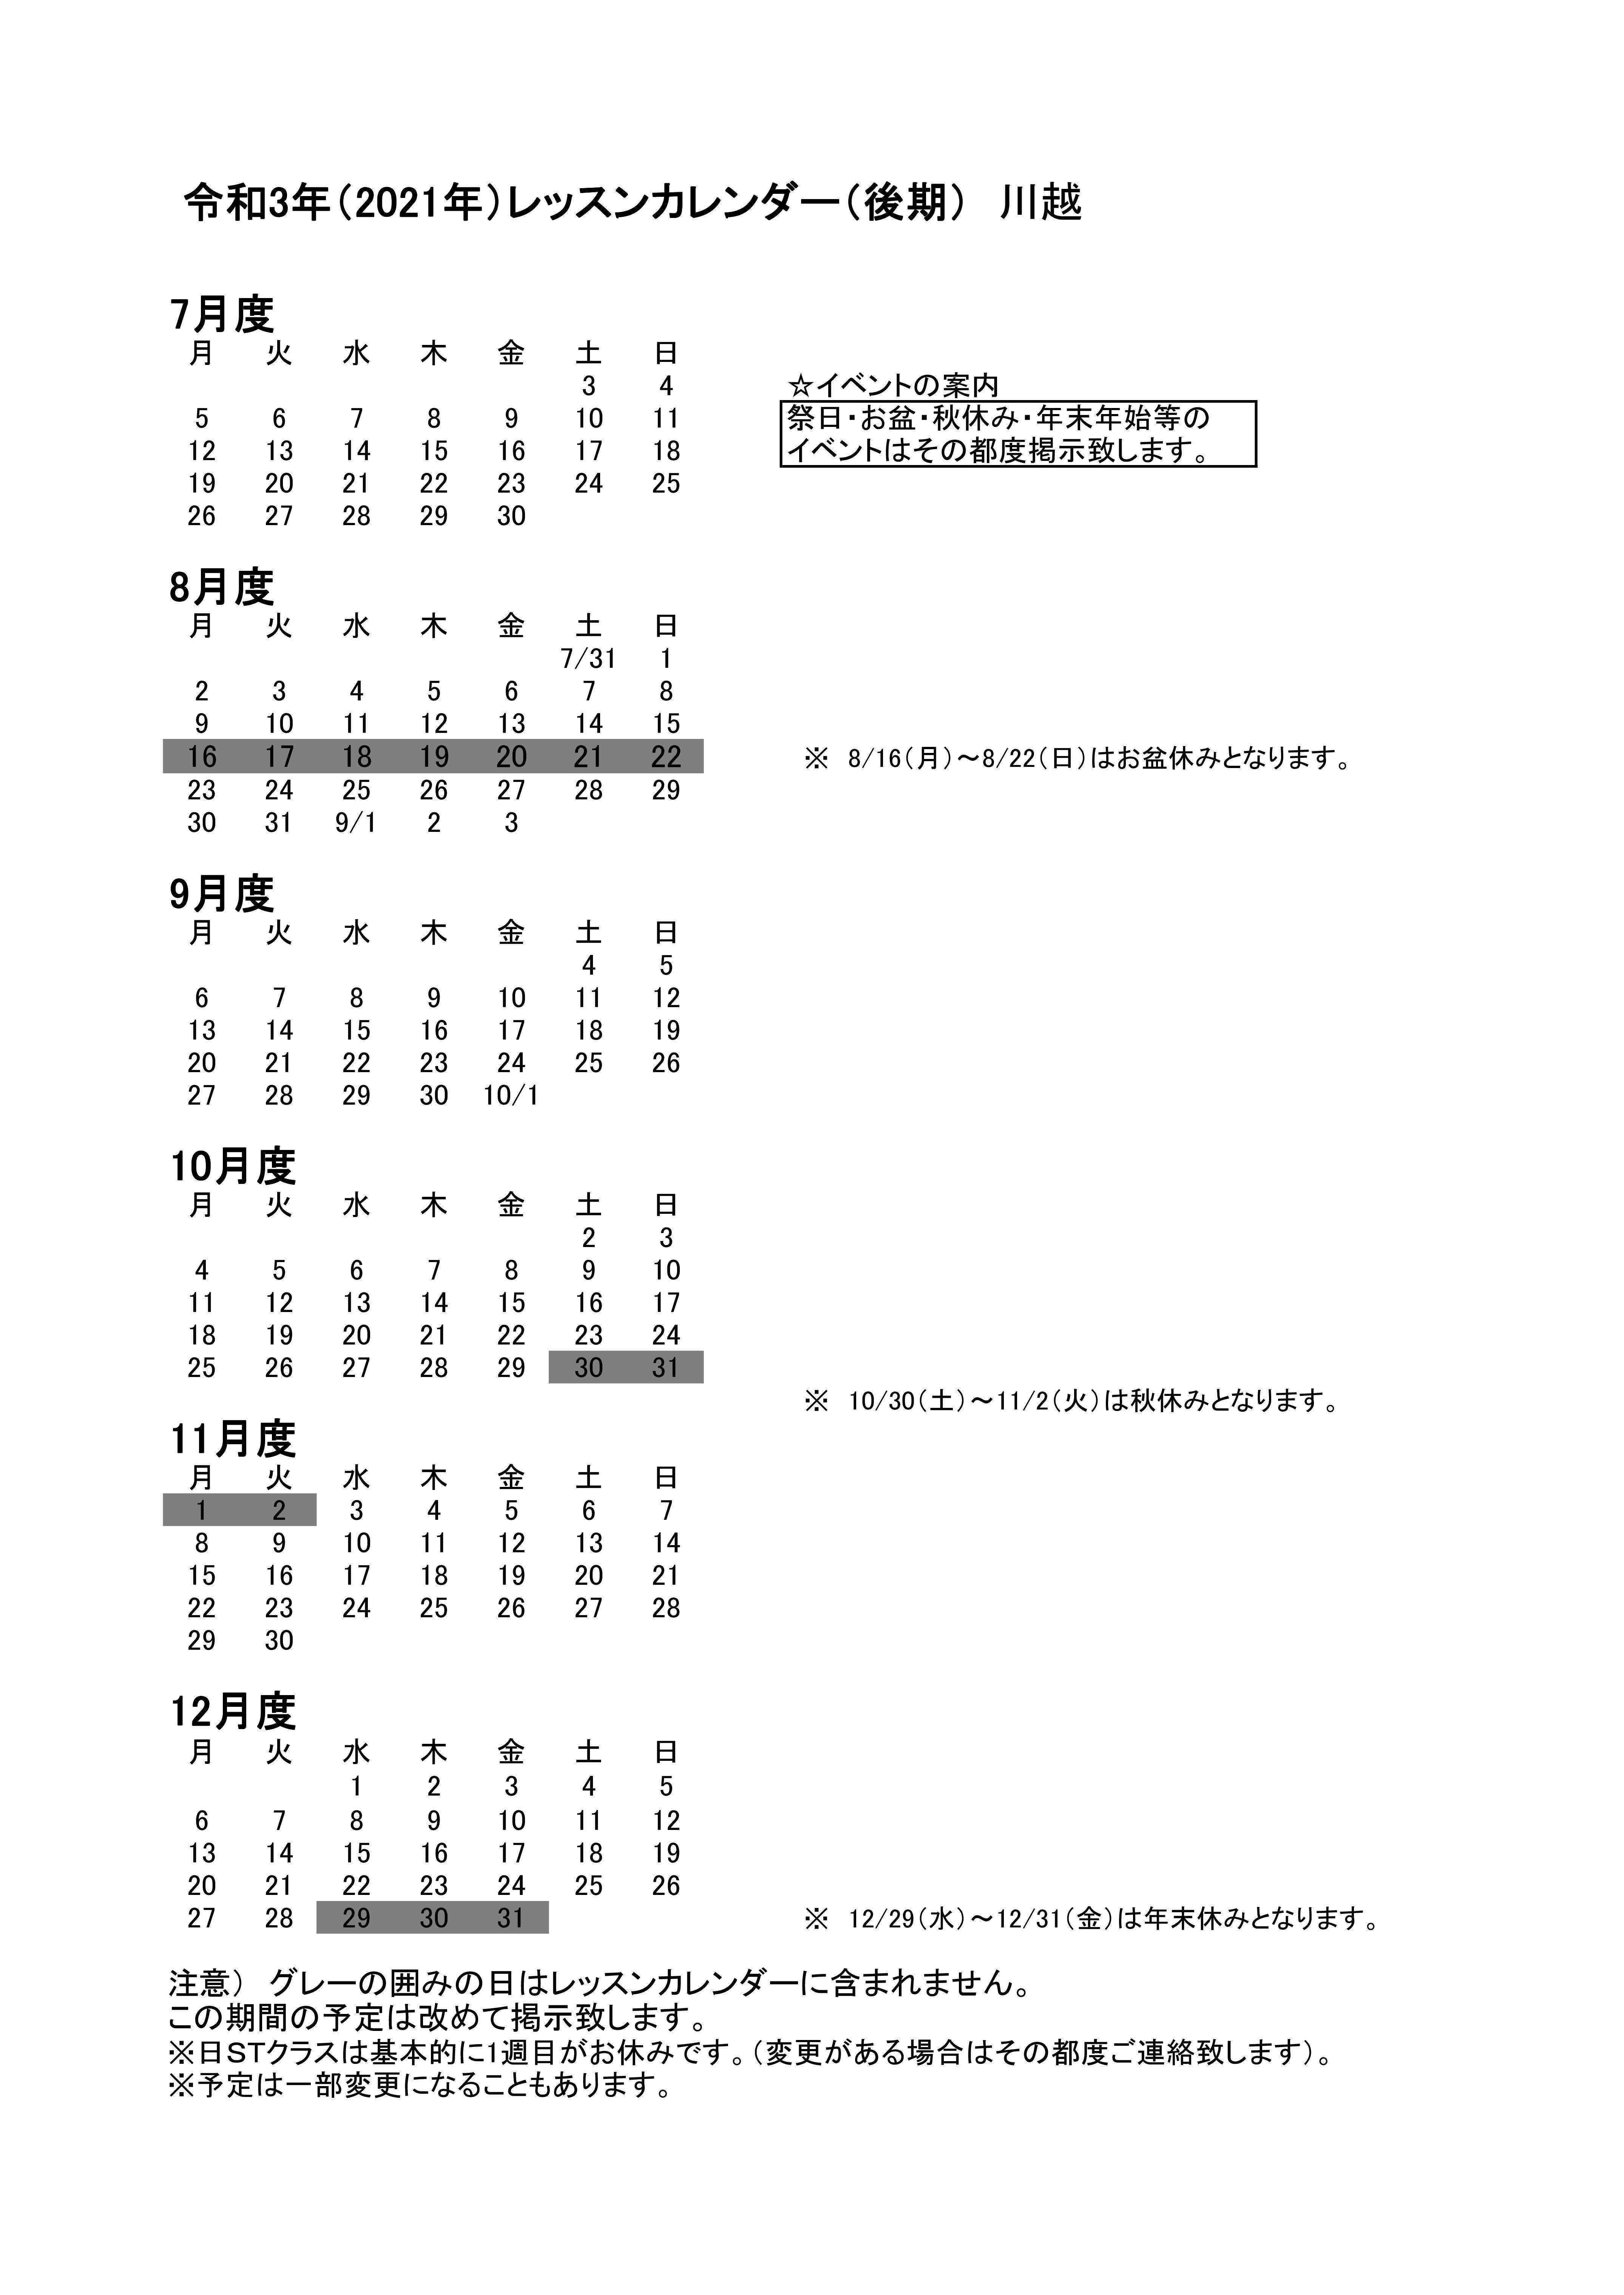 レッスンカレンダー(後期)ka